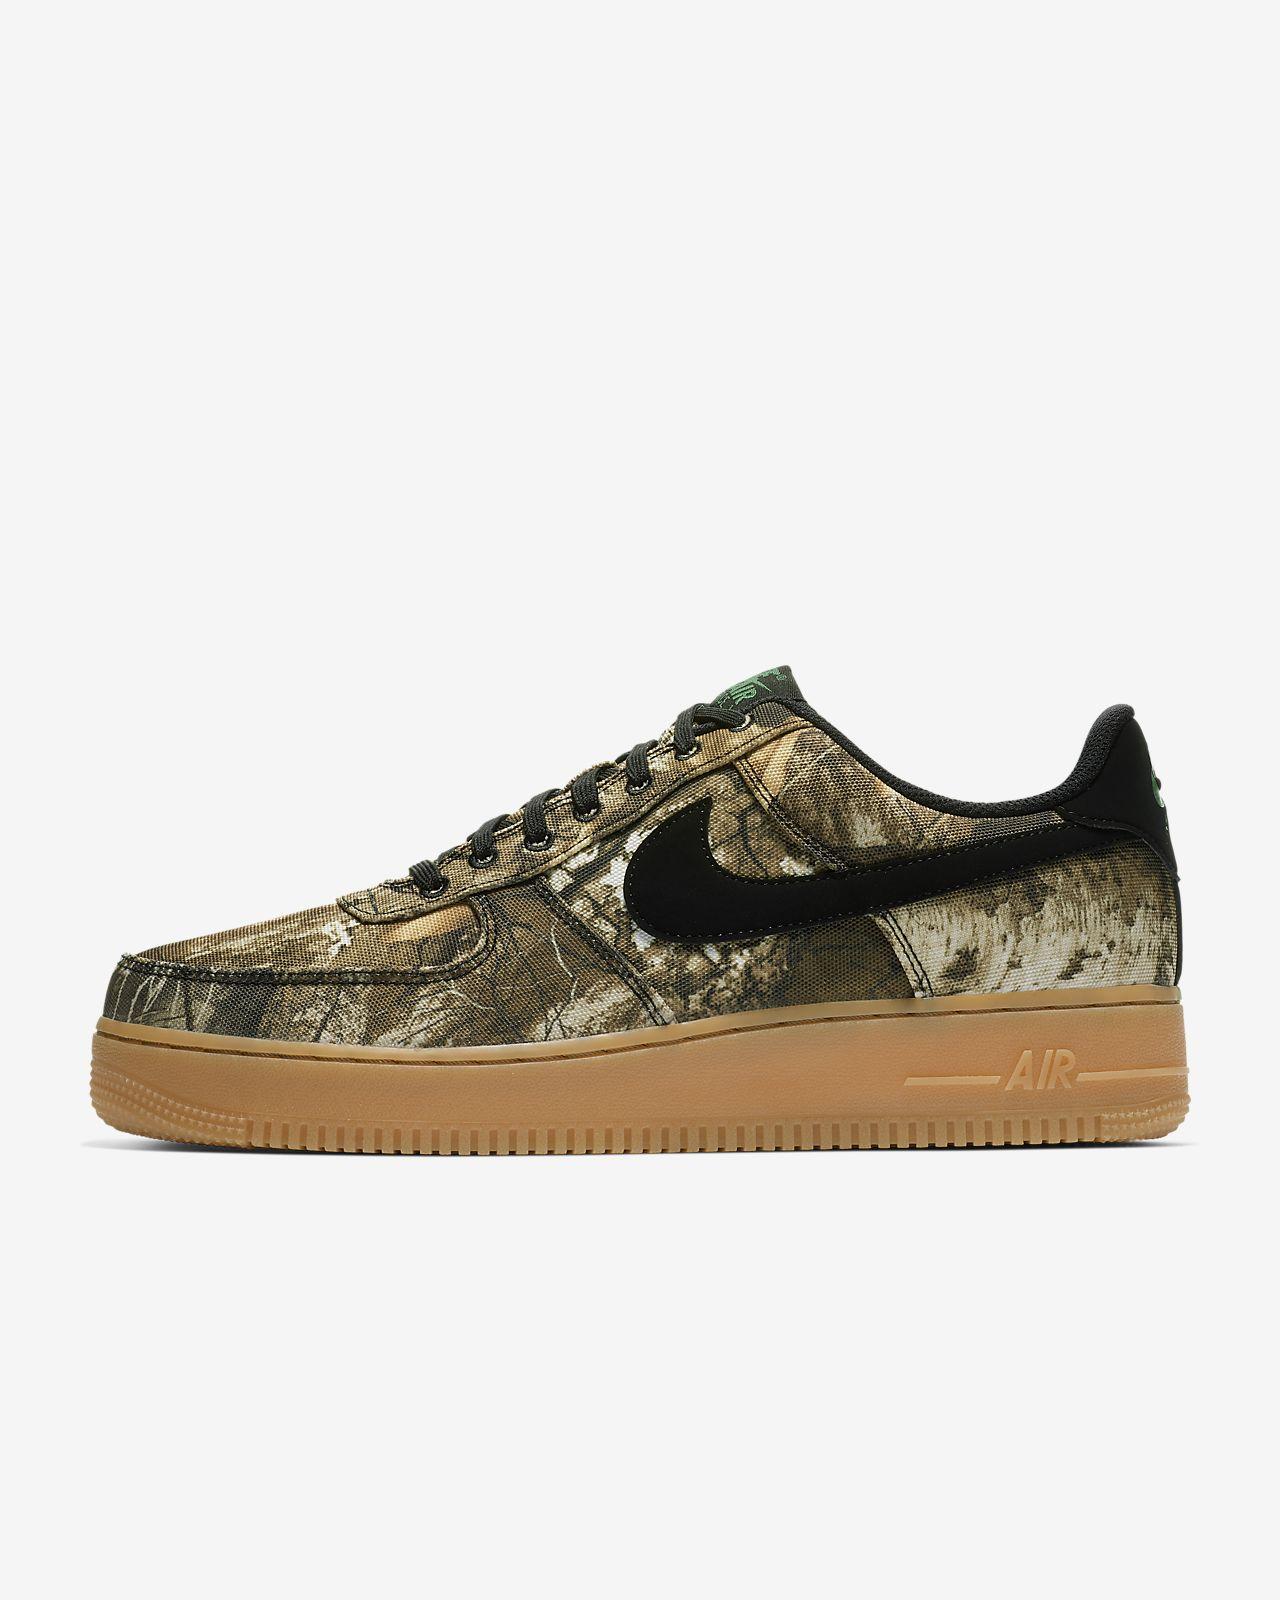 Pánská bota Nike Air Force 1  07 LV8 3 Realtree®. Nike.com CZ e40572559e